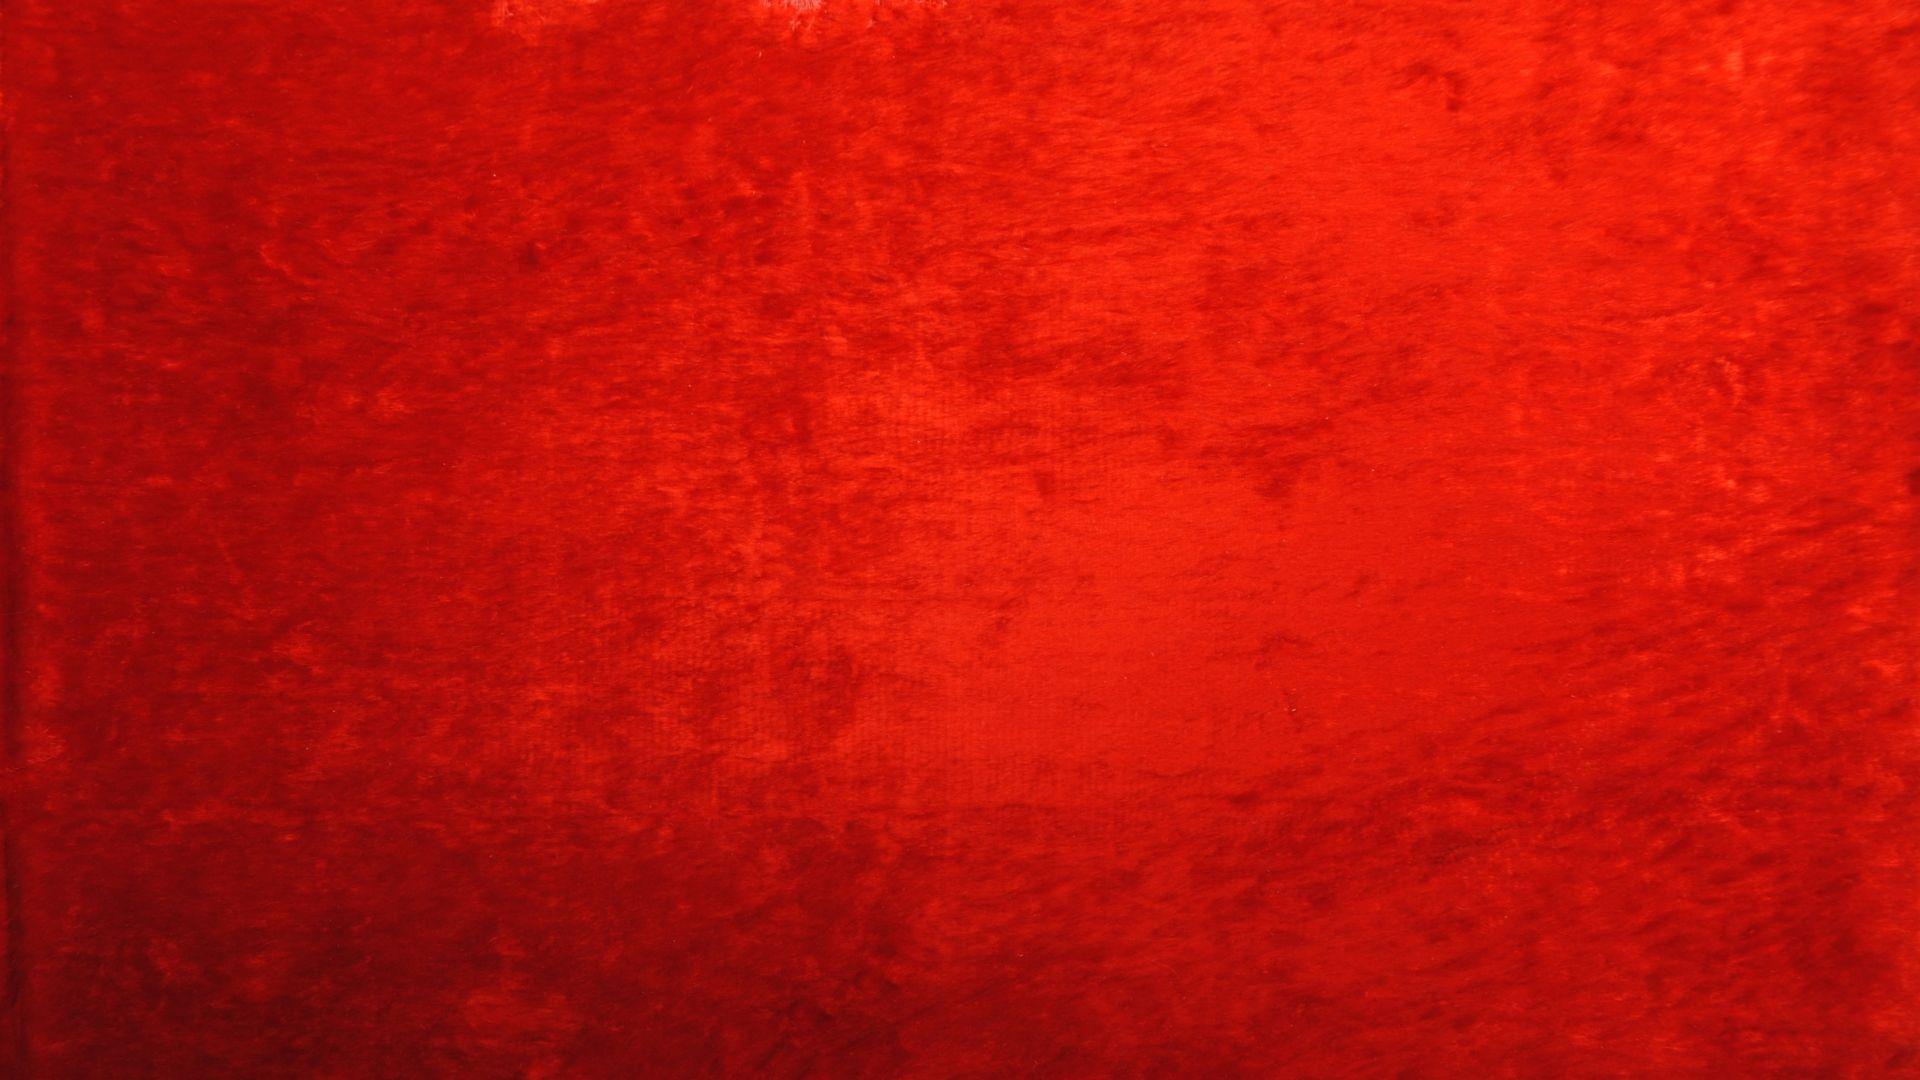 red velvet texture. download texture red velvet background